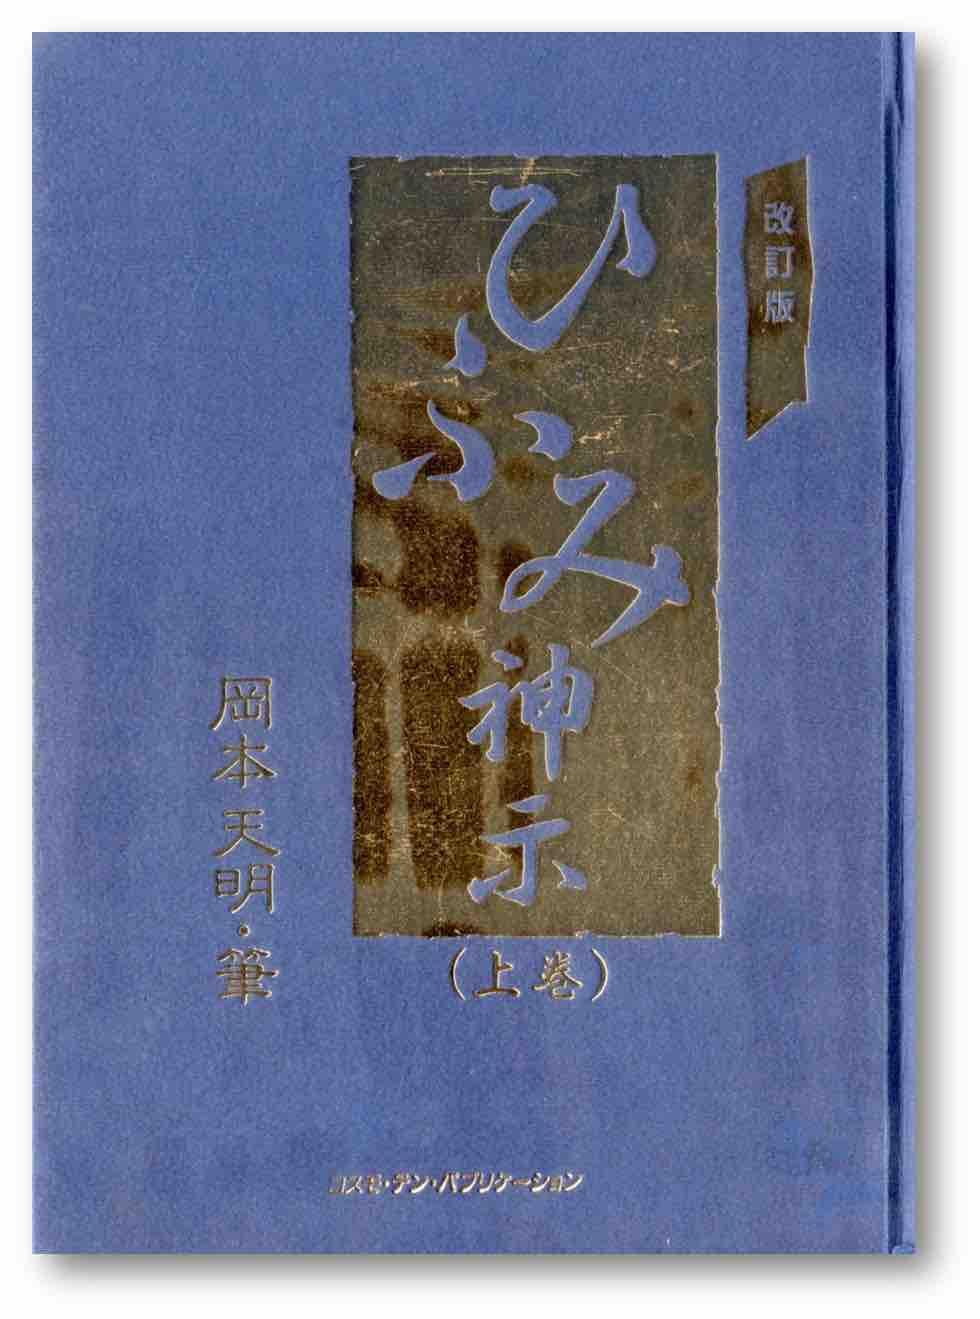 書籍『ひふみ神示』を図書館検索サイト「カーリル」で検索します